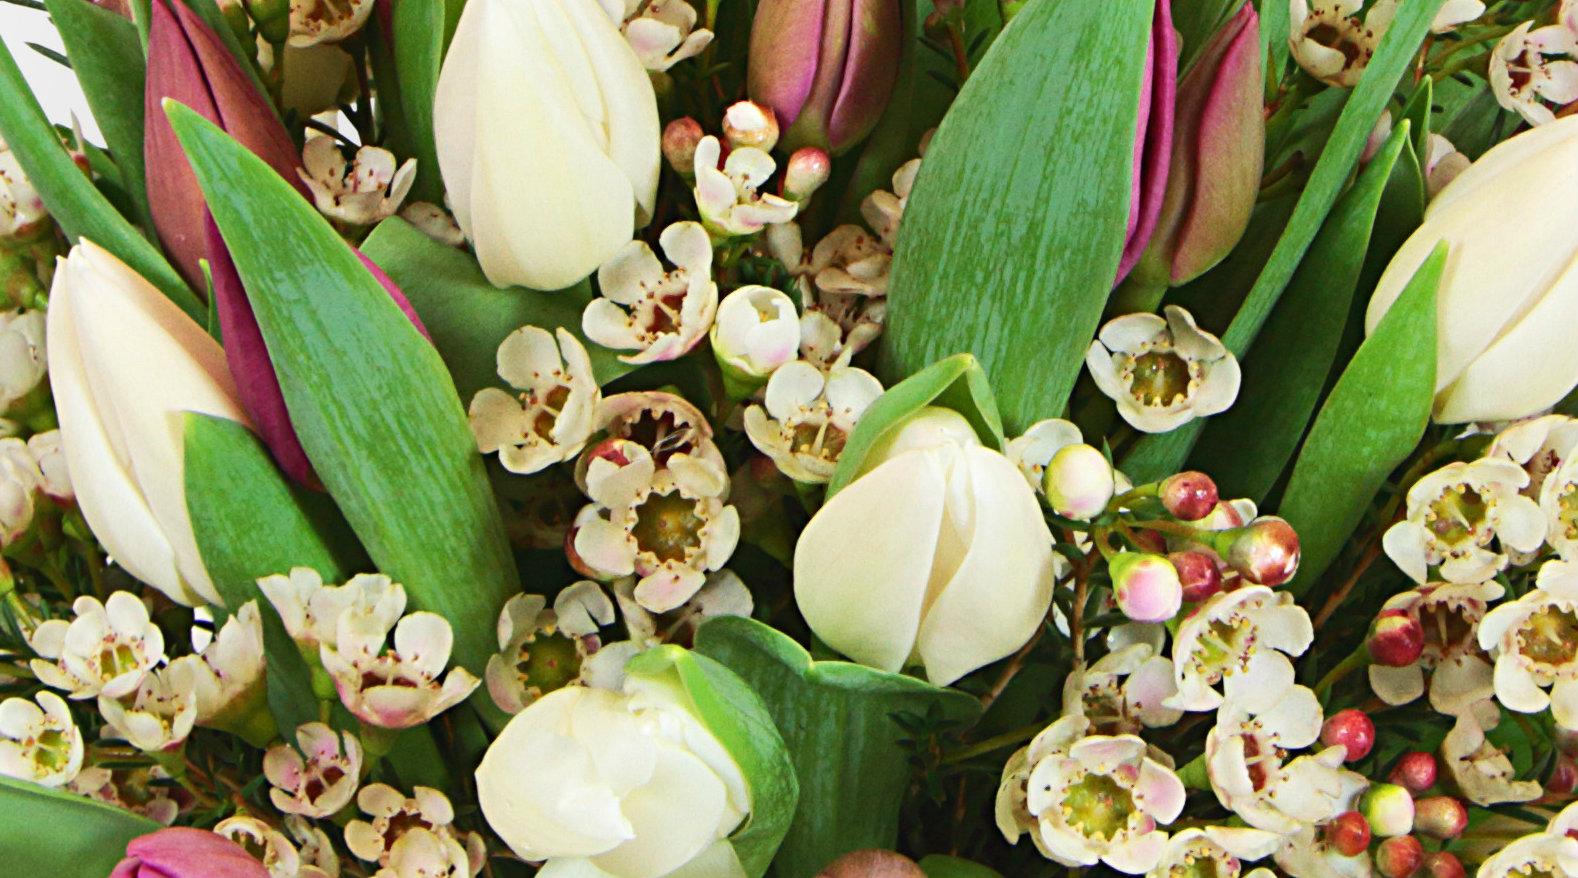 tulips-heaven-on-earth-zoom.jpg